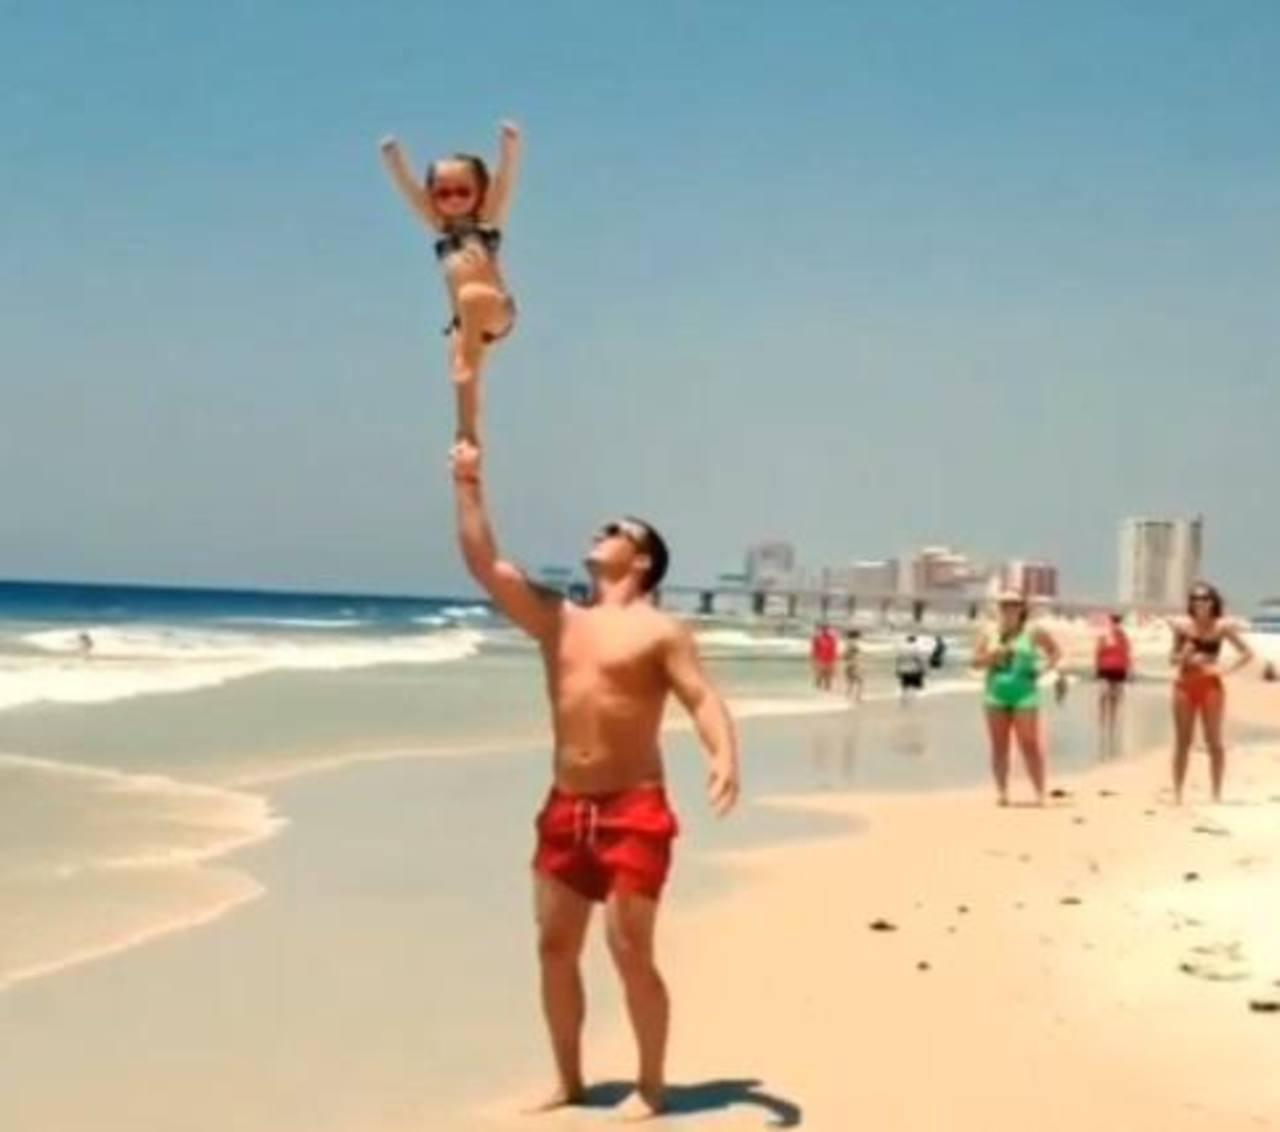 La pequeña acróbata en la playa se ha robado miles de clicks en su video